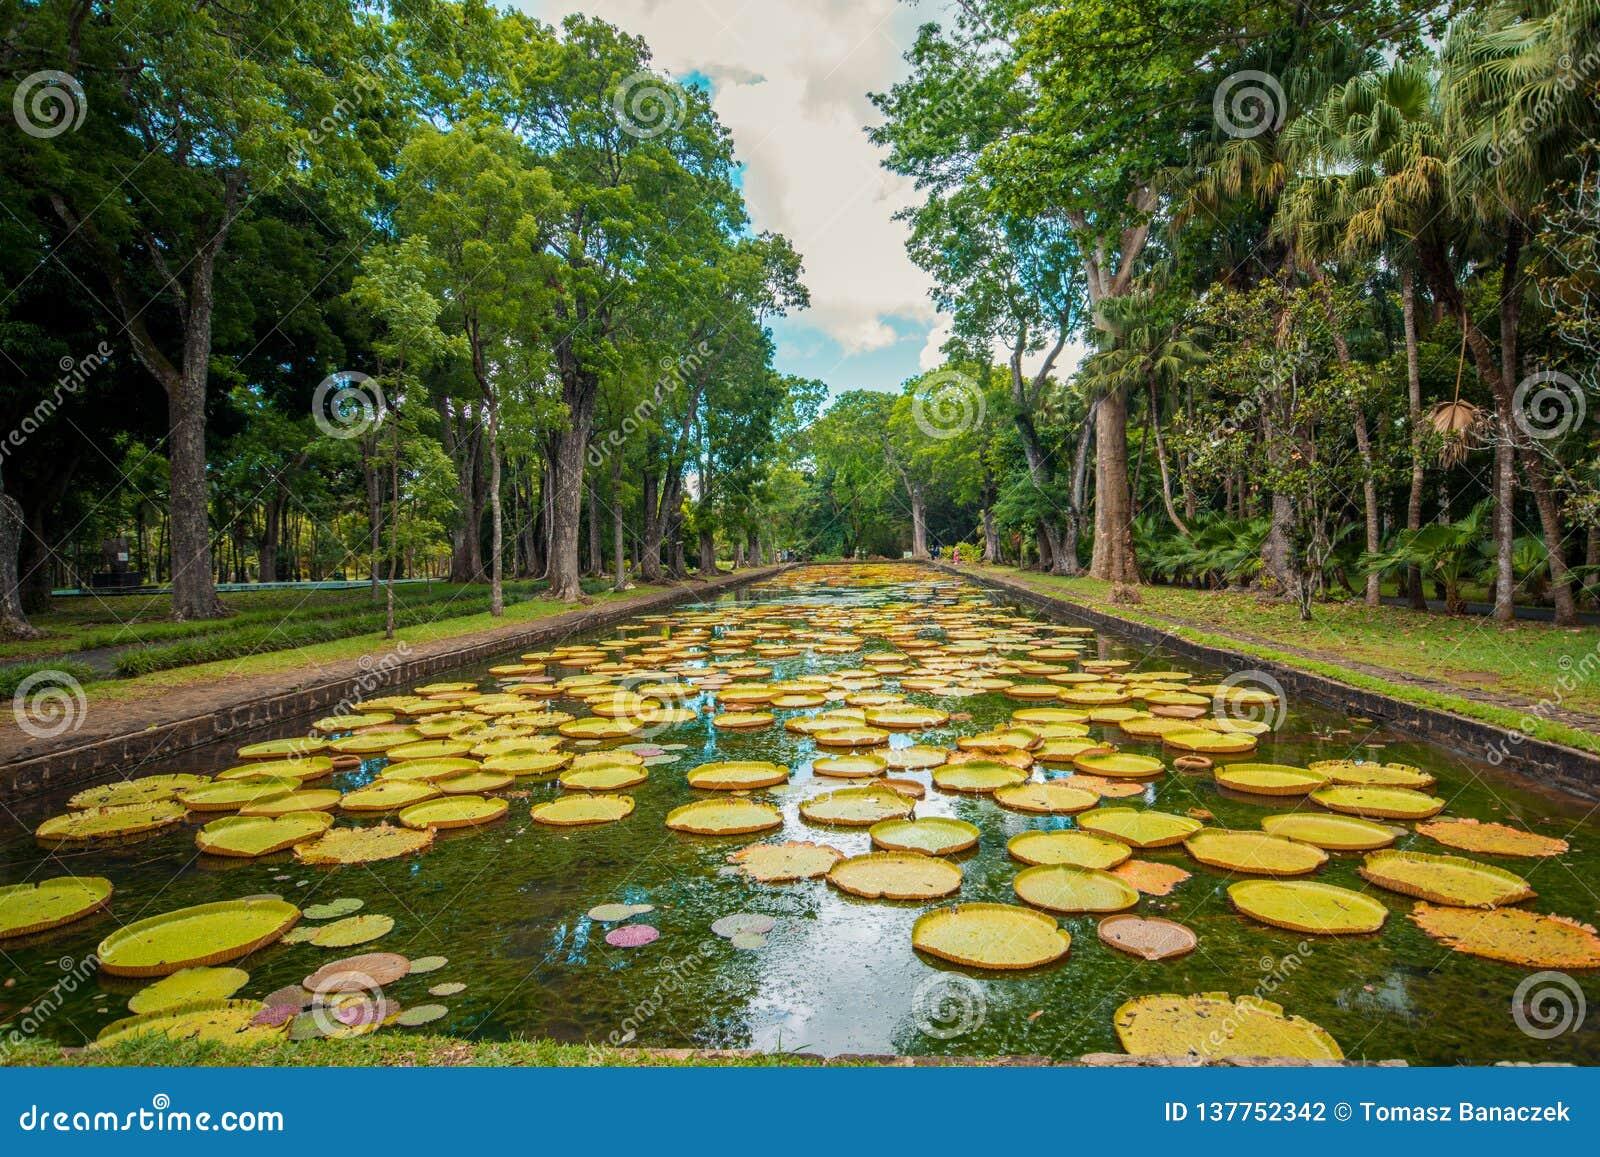 Jardin botanique Pamplemousses, Îles Maurice de grands nénuphars